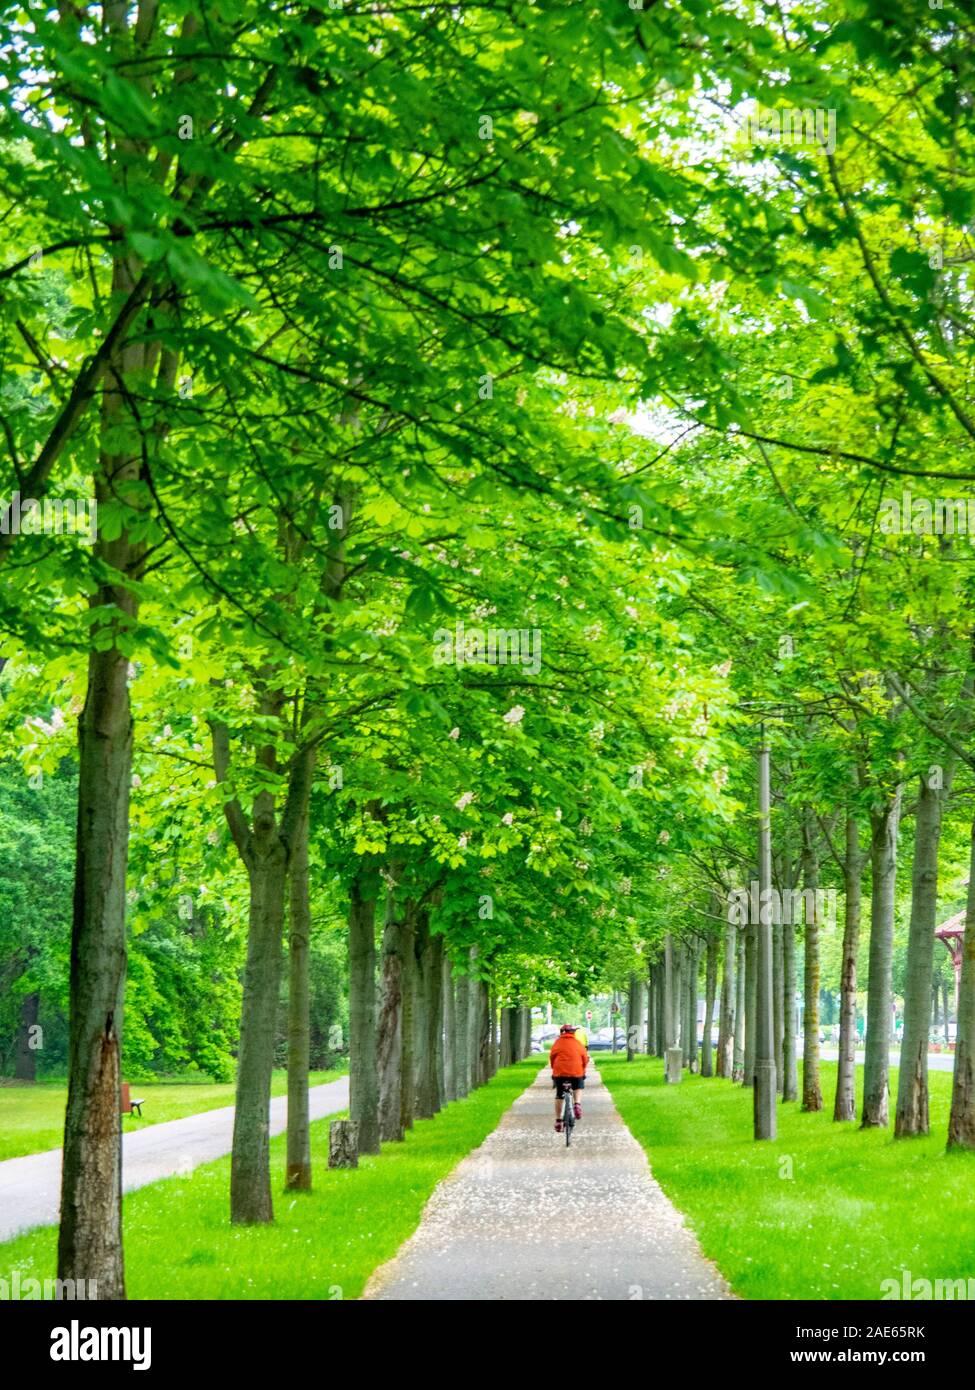 Ciclismo de turismo montar en bicicleta por la ruta Elbe Cycle Route en Elbauenpark Magdeburg Sajonia-Anhalt Alemania Foto de stock